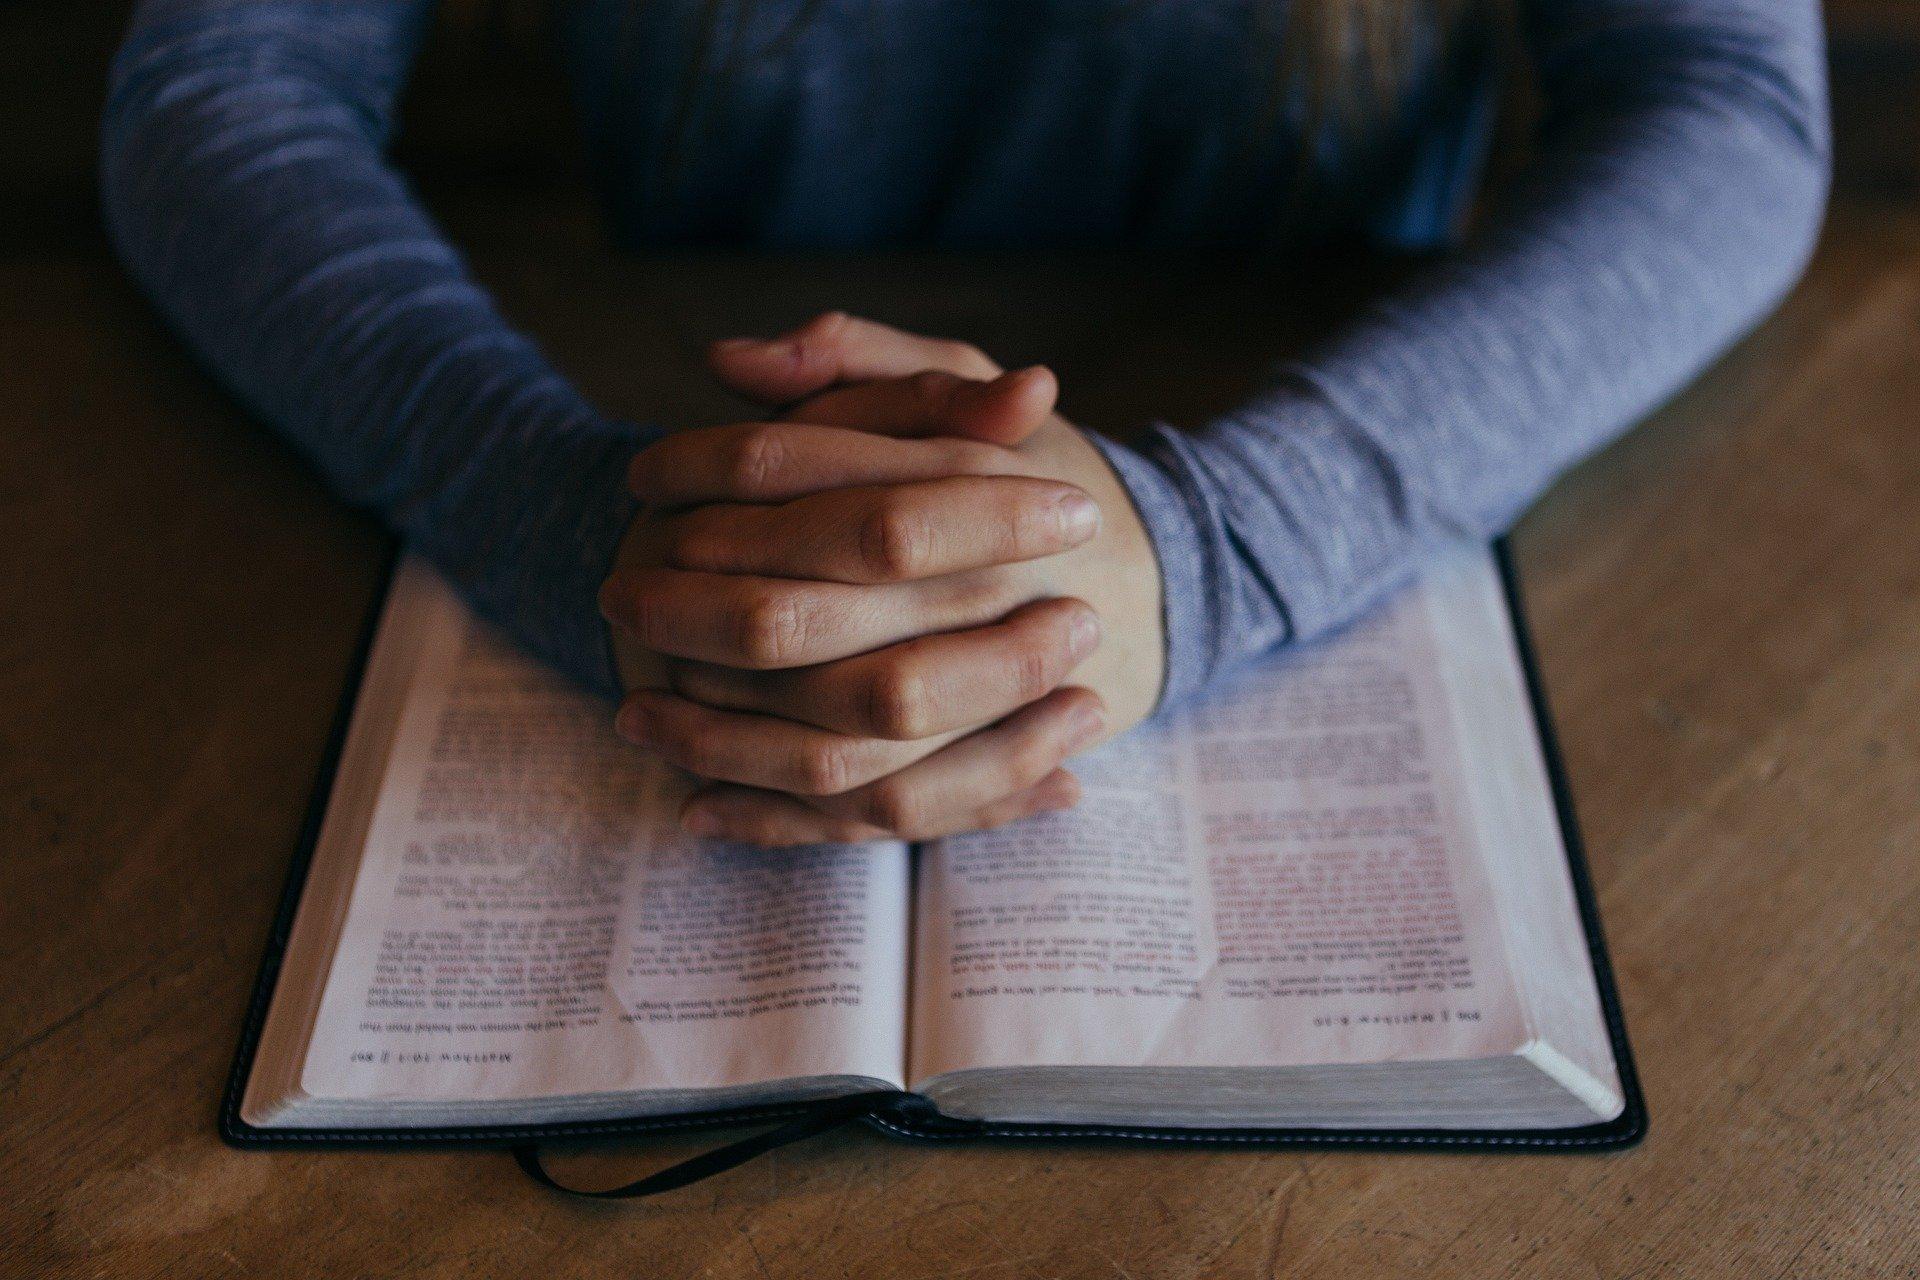 ¿Puede una Confesión Religiosa conservar los datos personales de quién la abandonó?